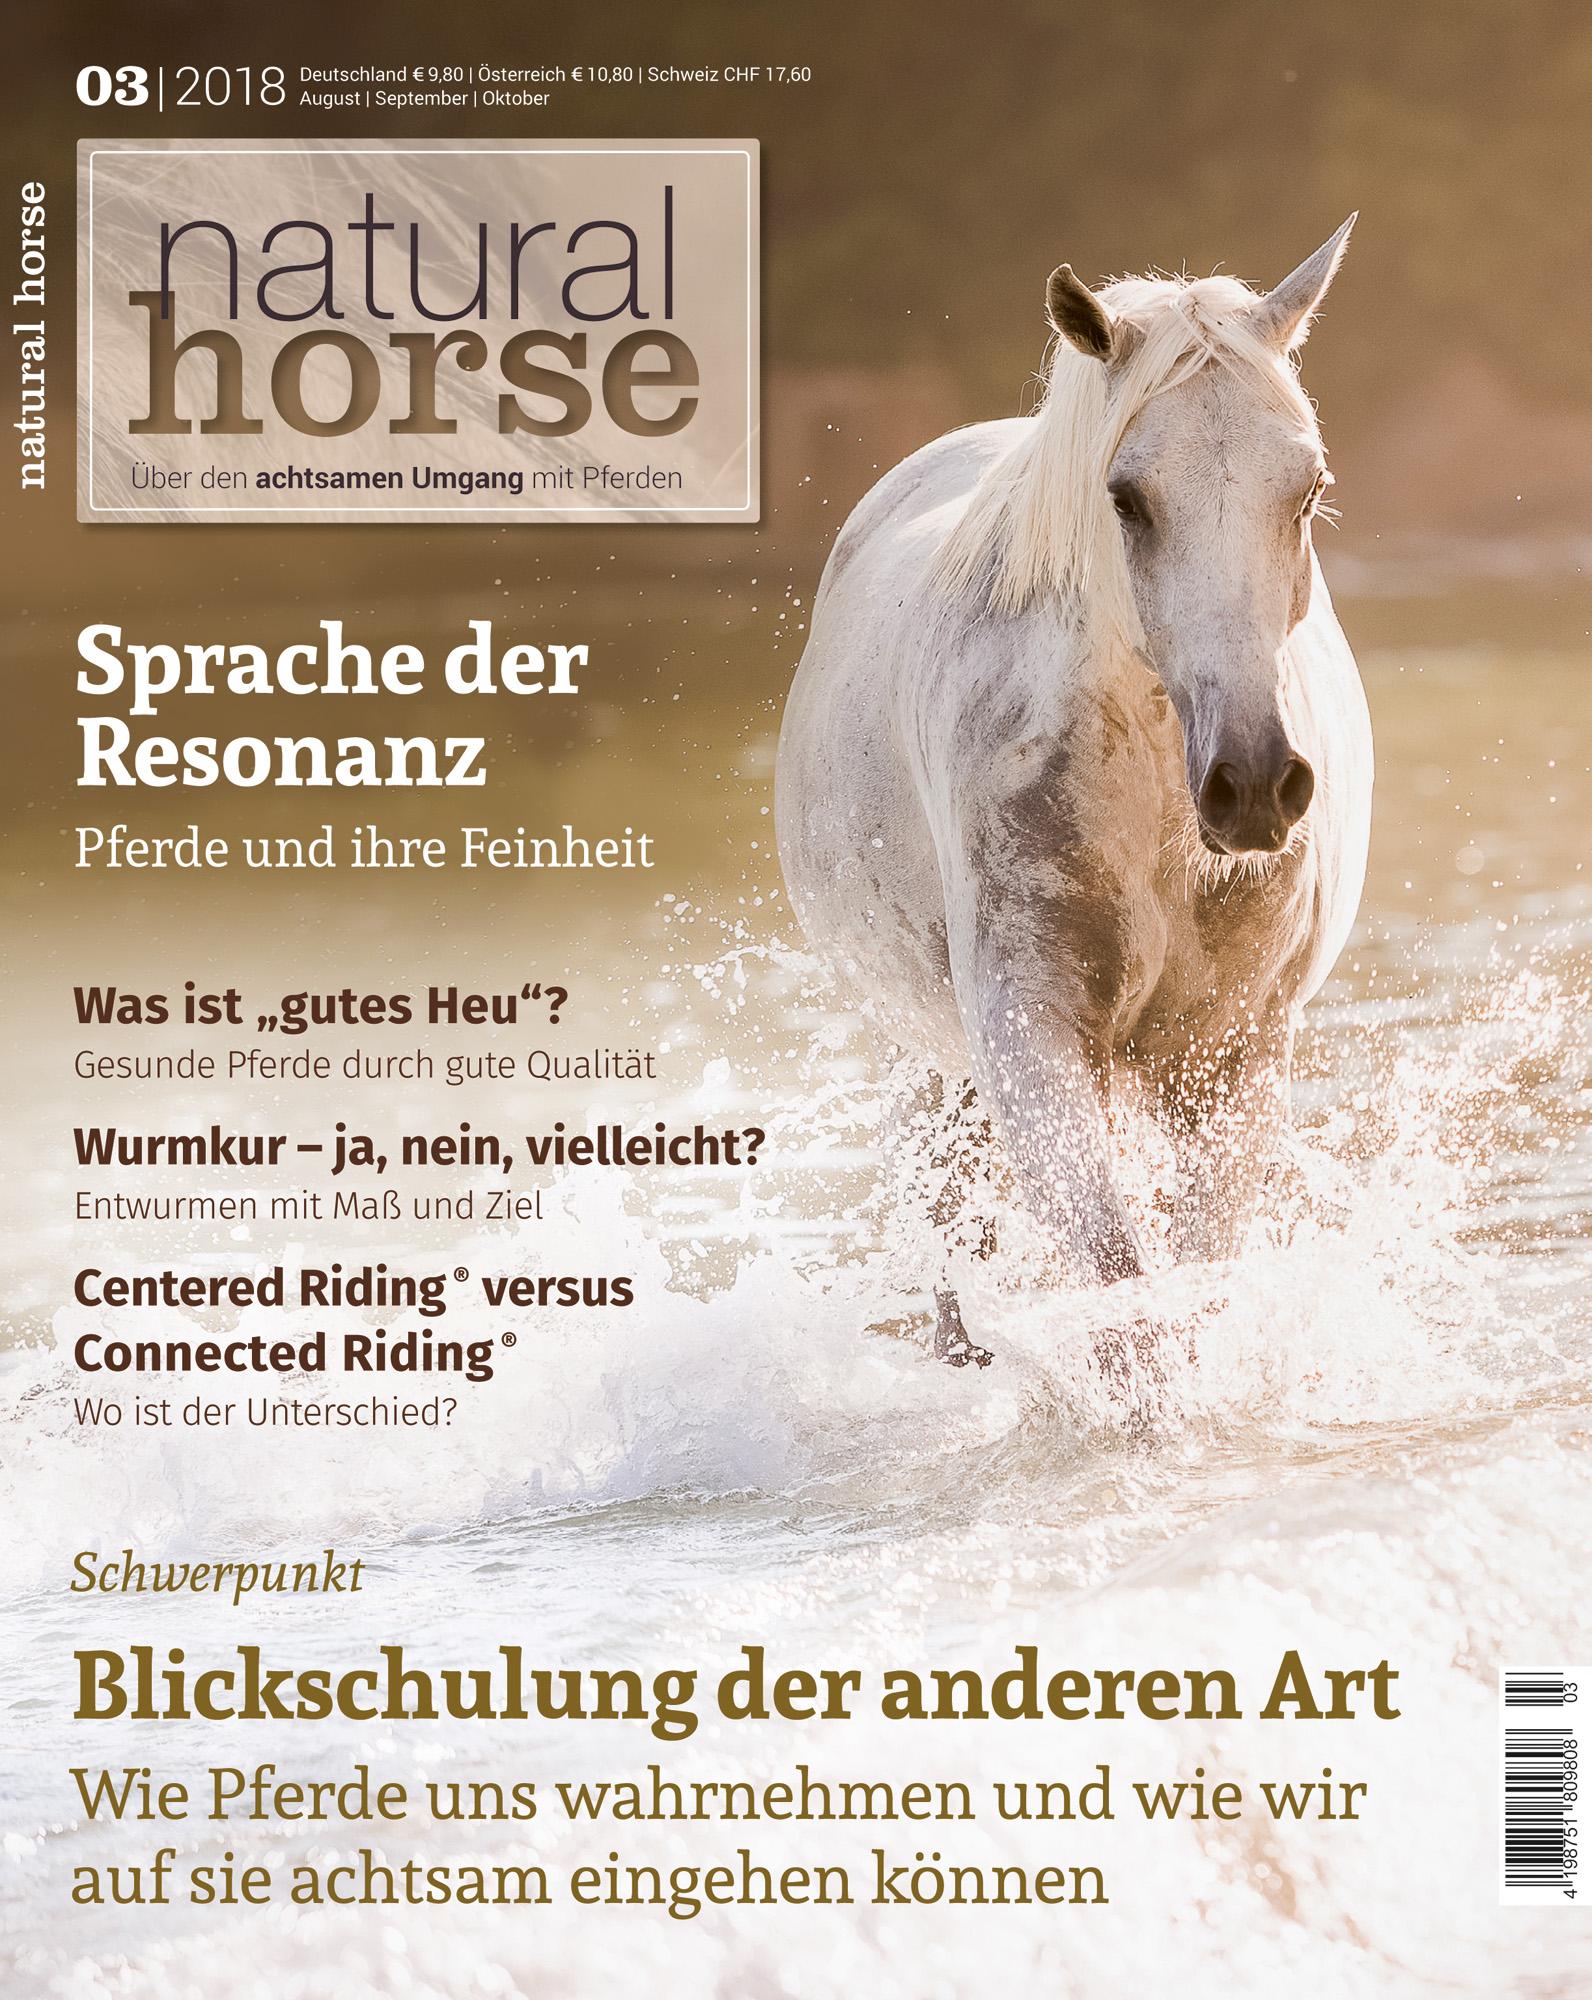 Natural Horse 20 - 03/2018